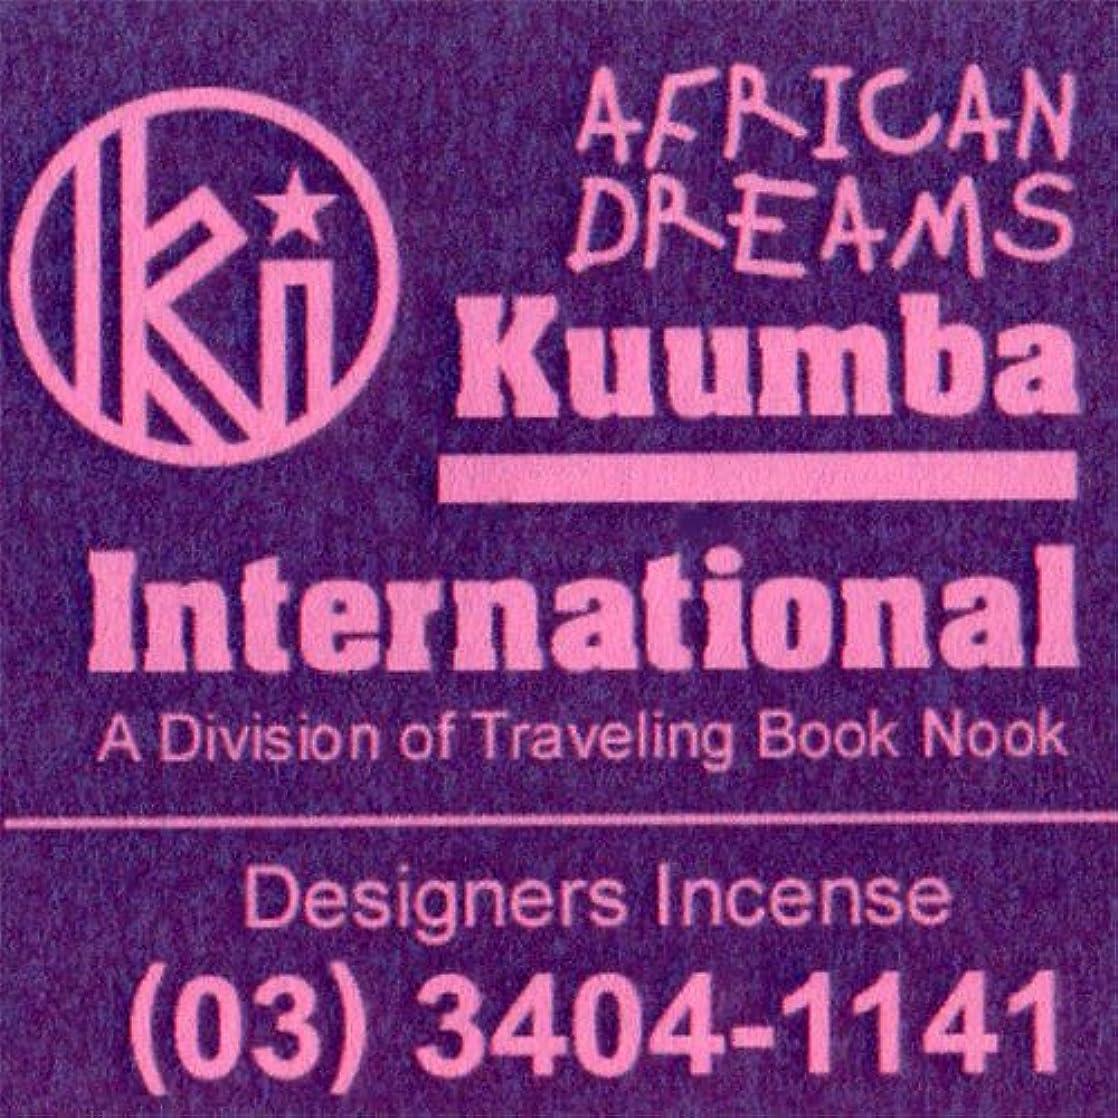 資本最小化する控える(クンバ) KUUMBA『incense』(AFRICAN DREAMS) (Regular size)